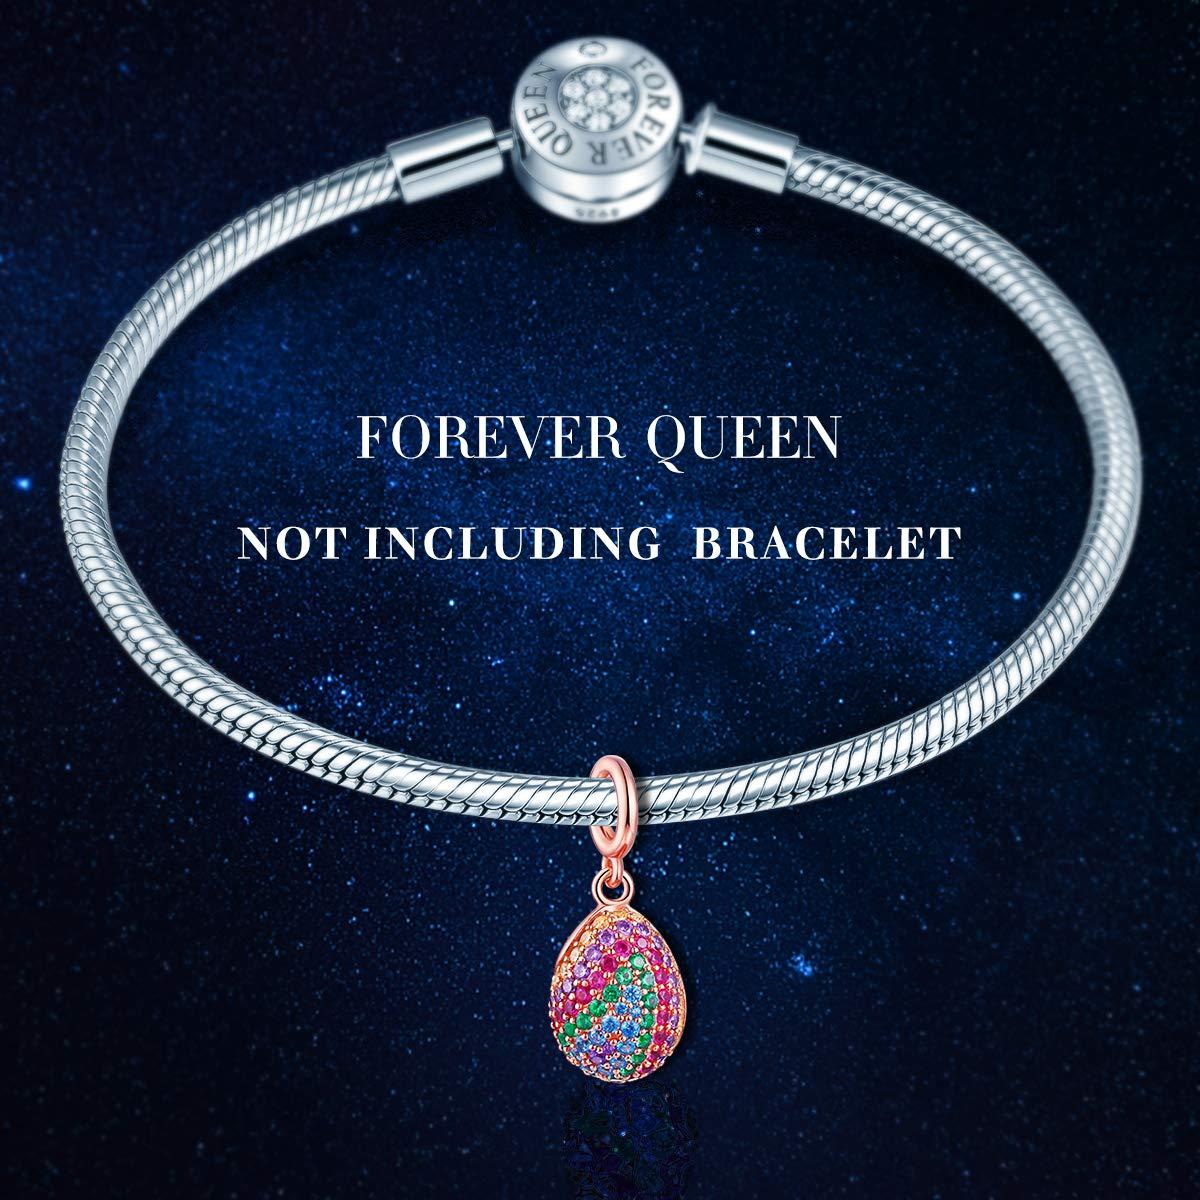 FOREVER QUEEN Rainbow Charm pour Bracelet /à Breloques Argent Sterling 925 Et ajour/é Perles color/é Charm avec Poisson Oxyde de Zircon Pierre,